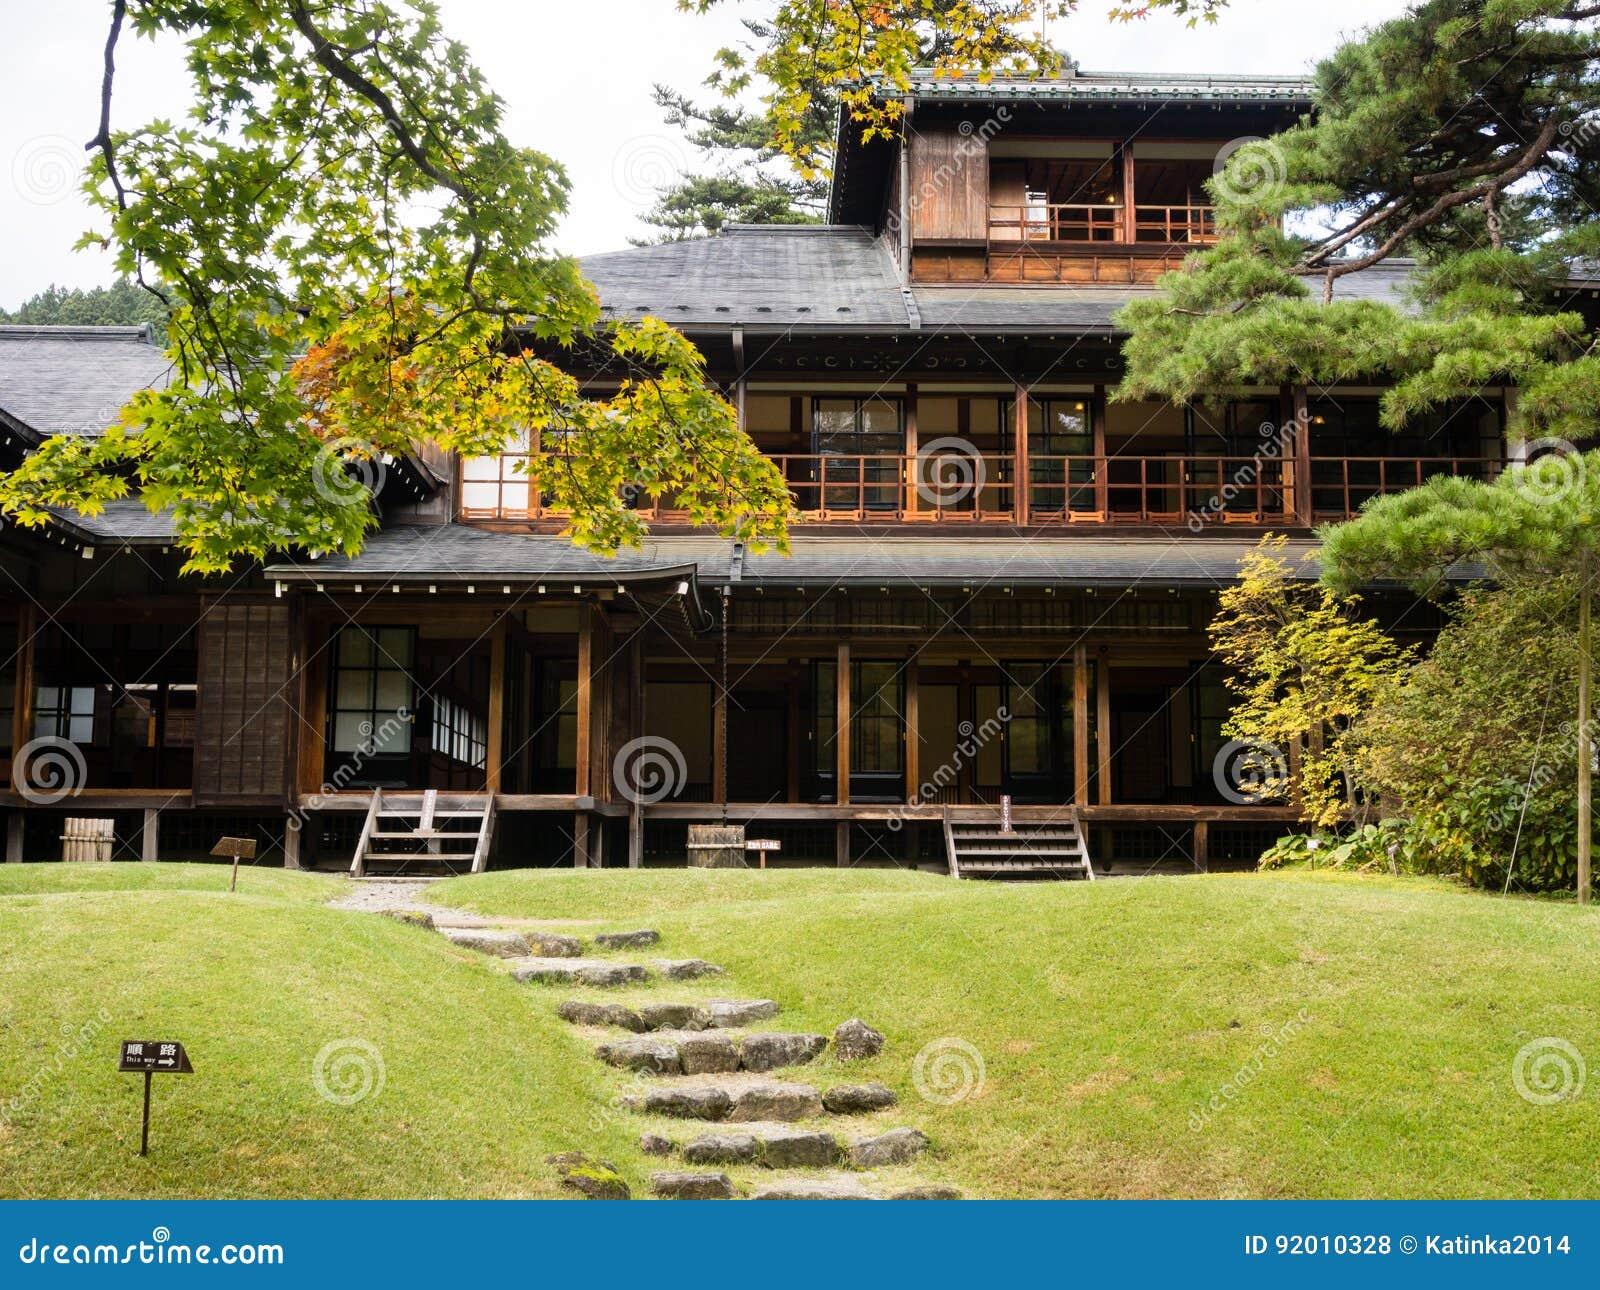 Tamozawa Imperial Villa in Nikko, Japan